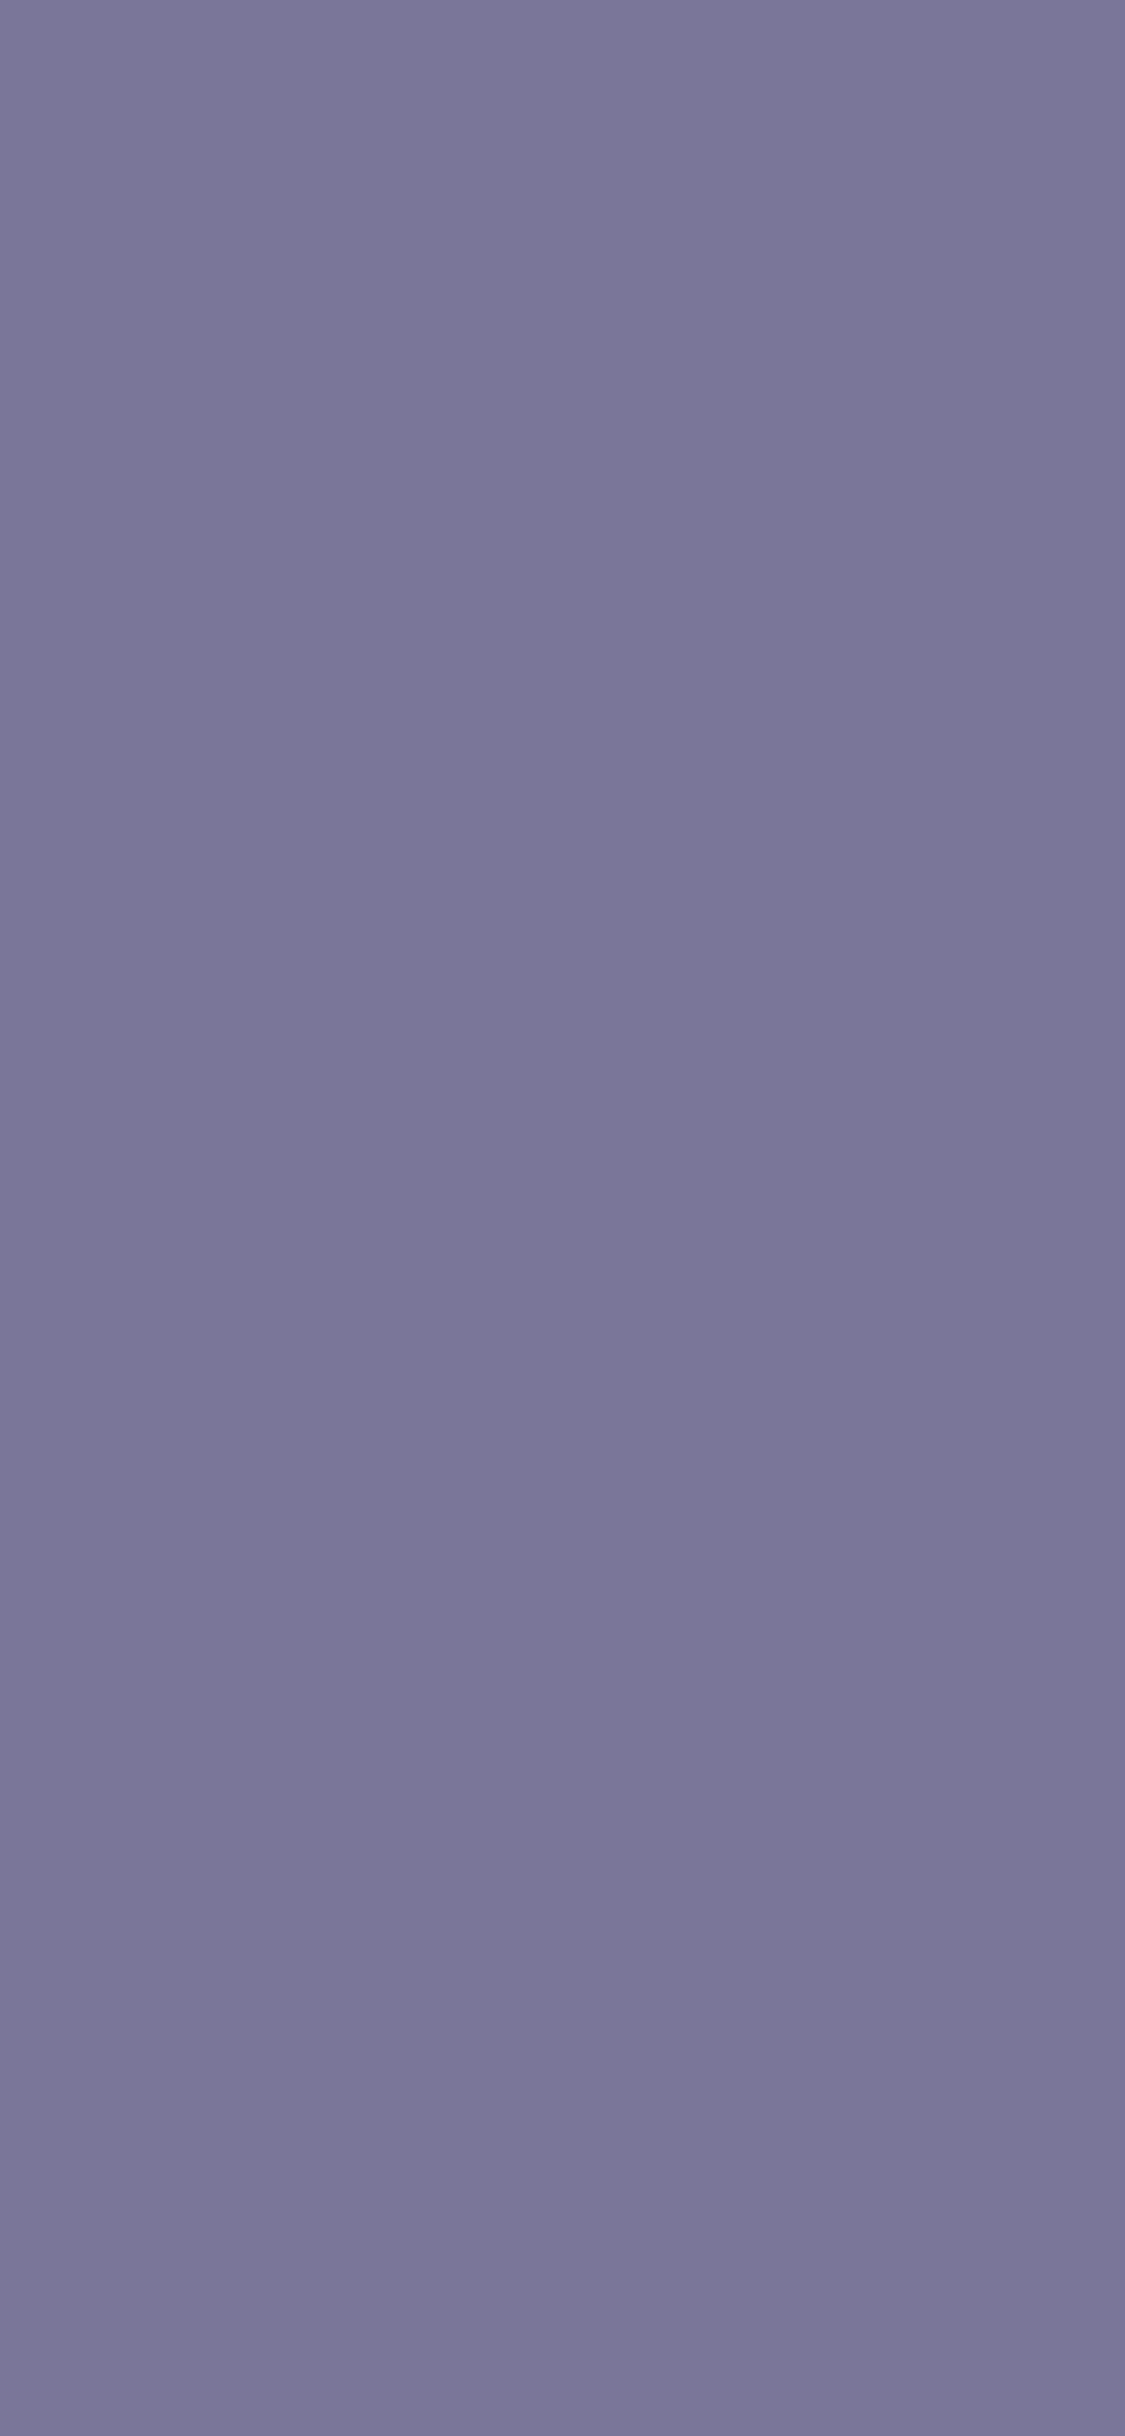 1125x2436 Rhythm Solid Color Background